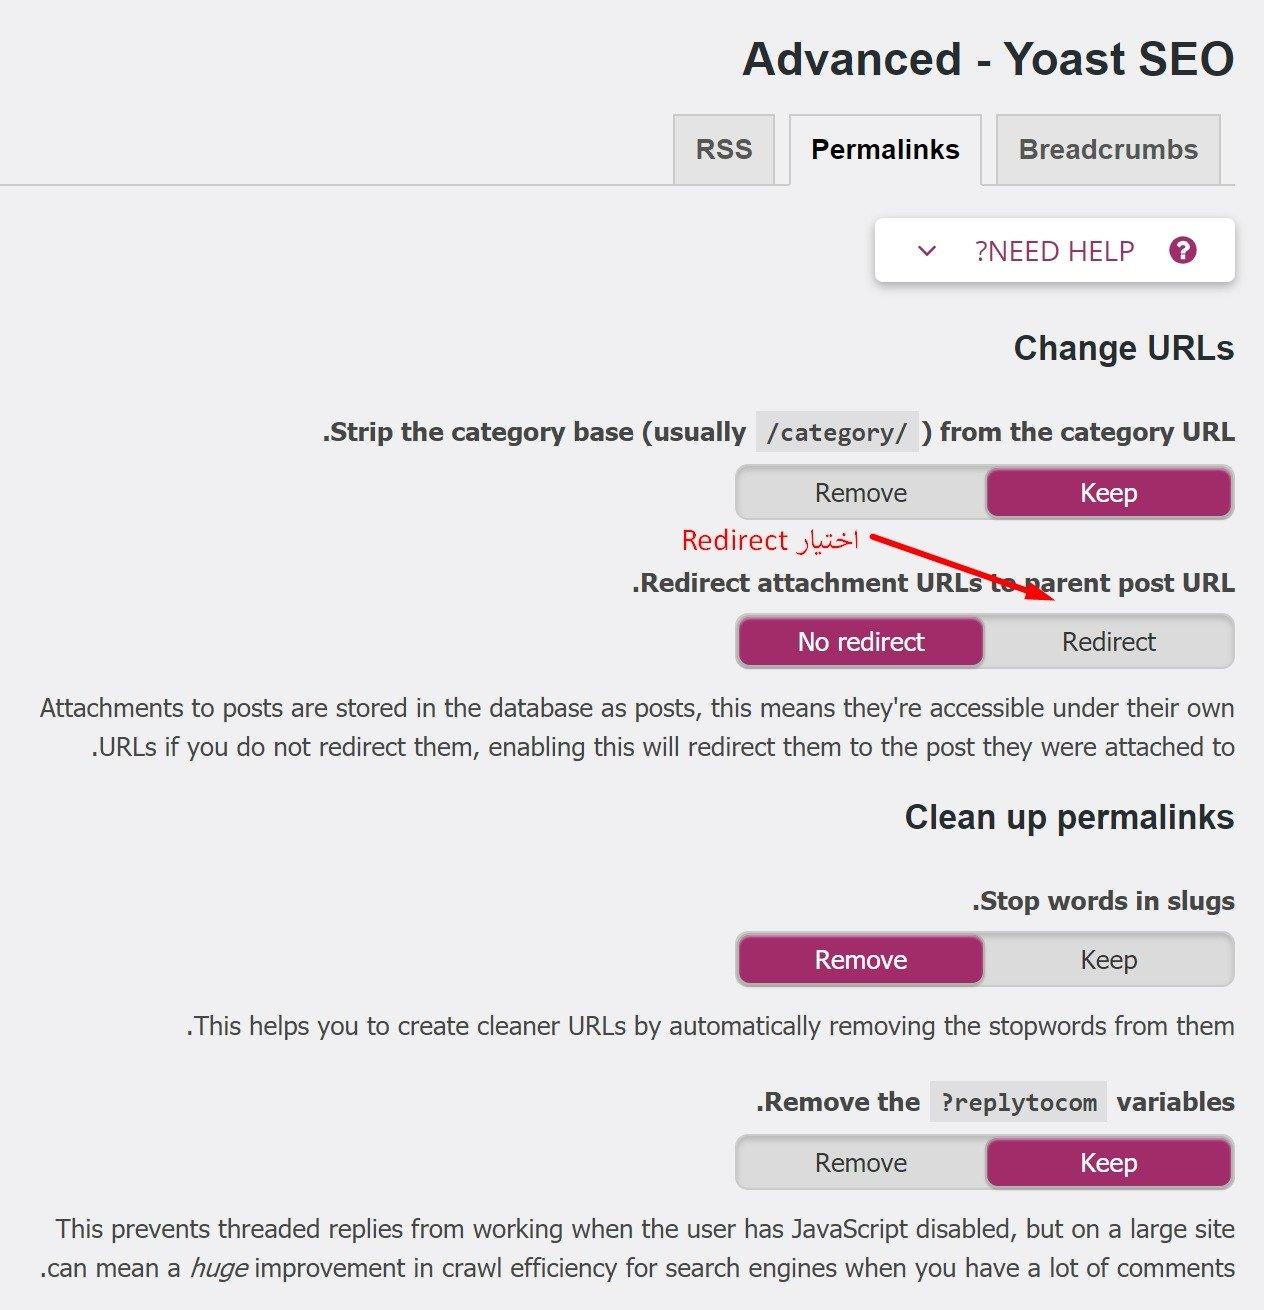 حذف وإعادة توجيه صفحات الصور المرفقة في الووردبريس من خلال اضافةYoast SEO